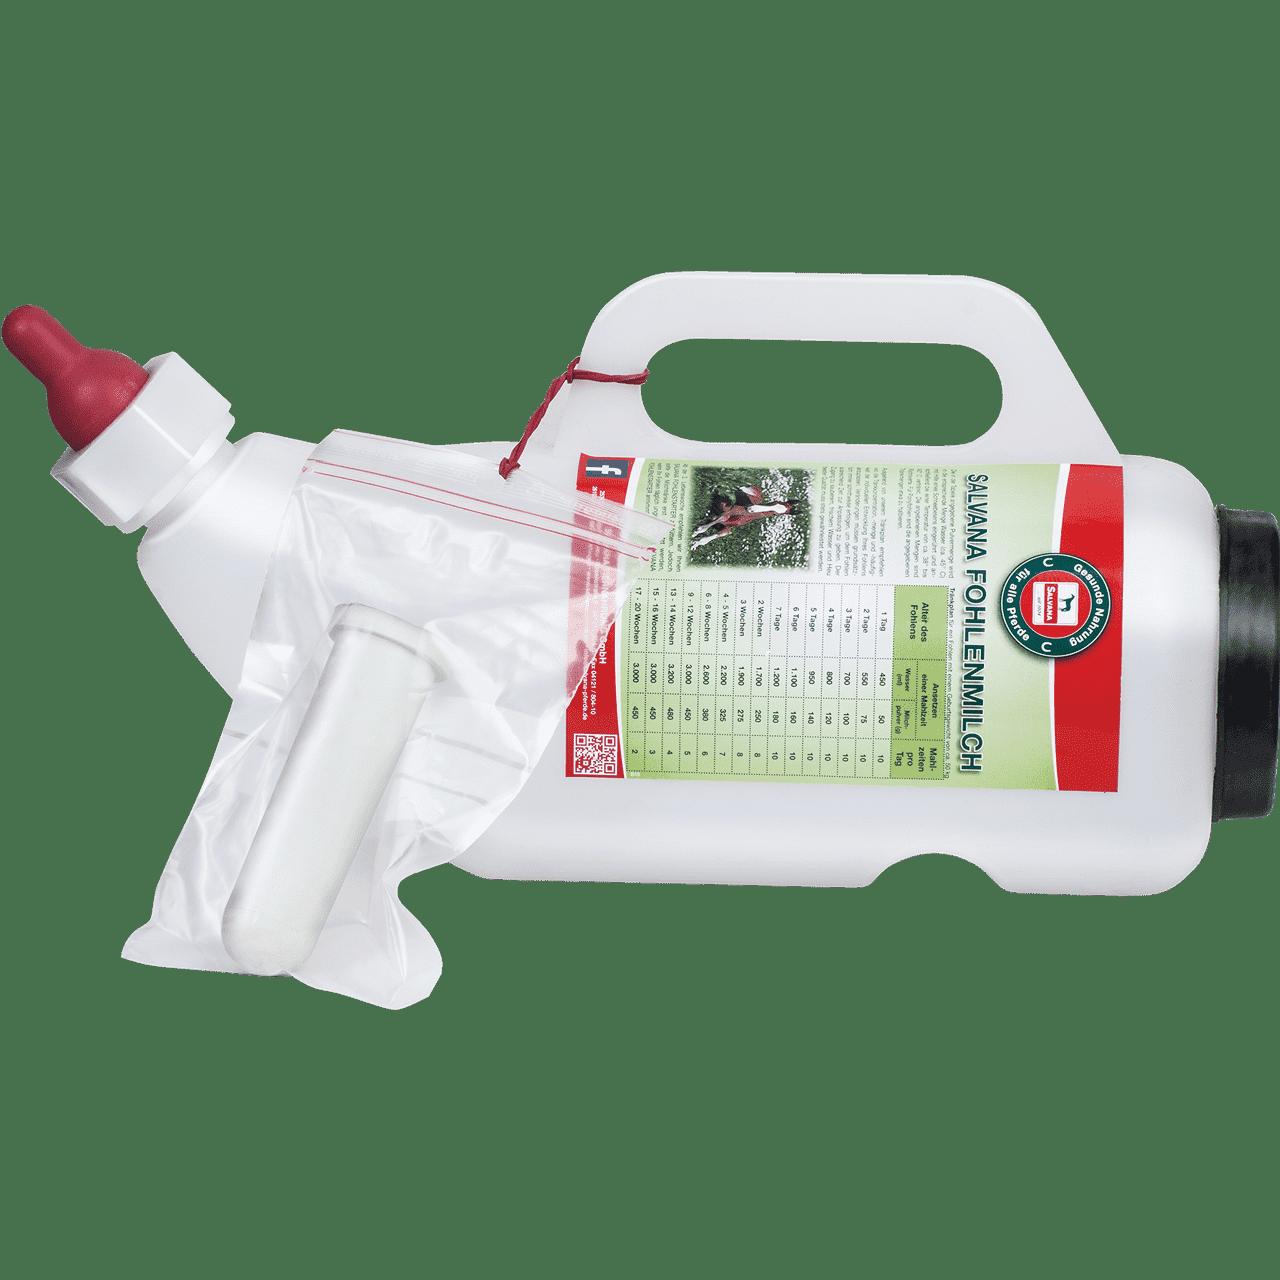 SALVANA Fohlenmilchflasche